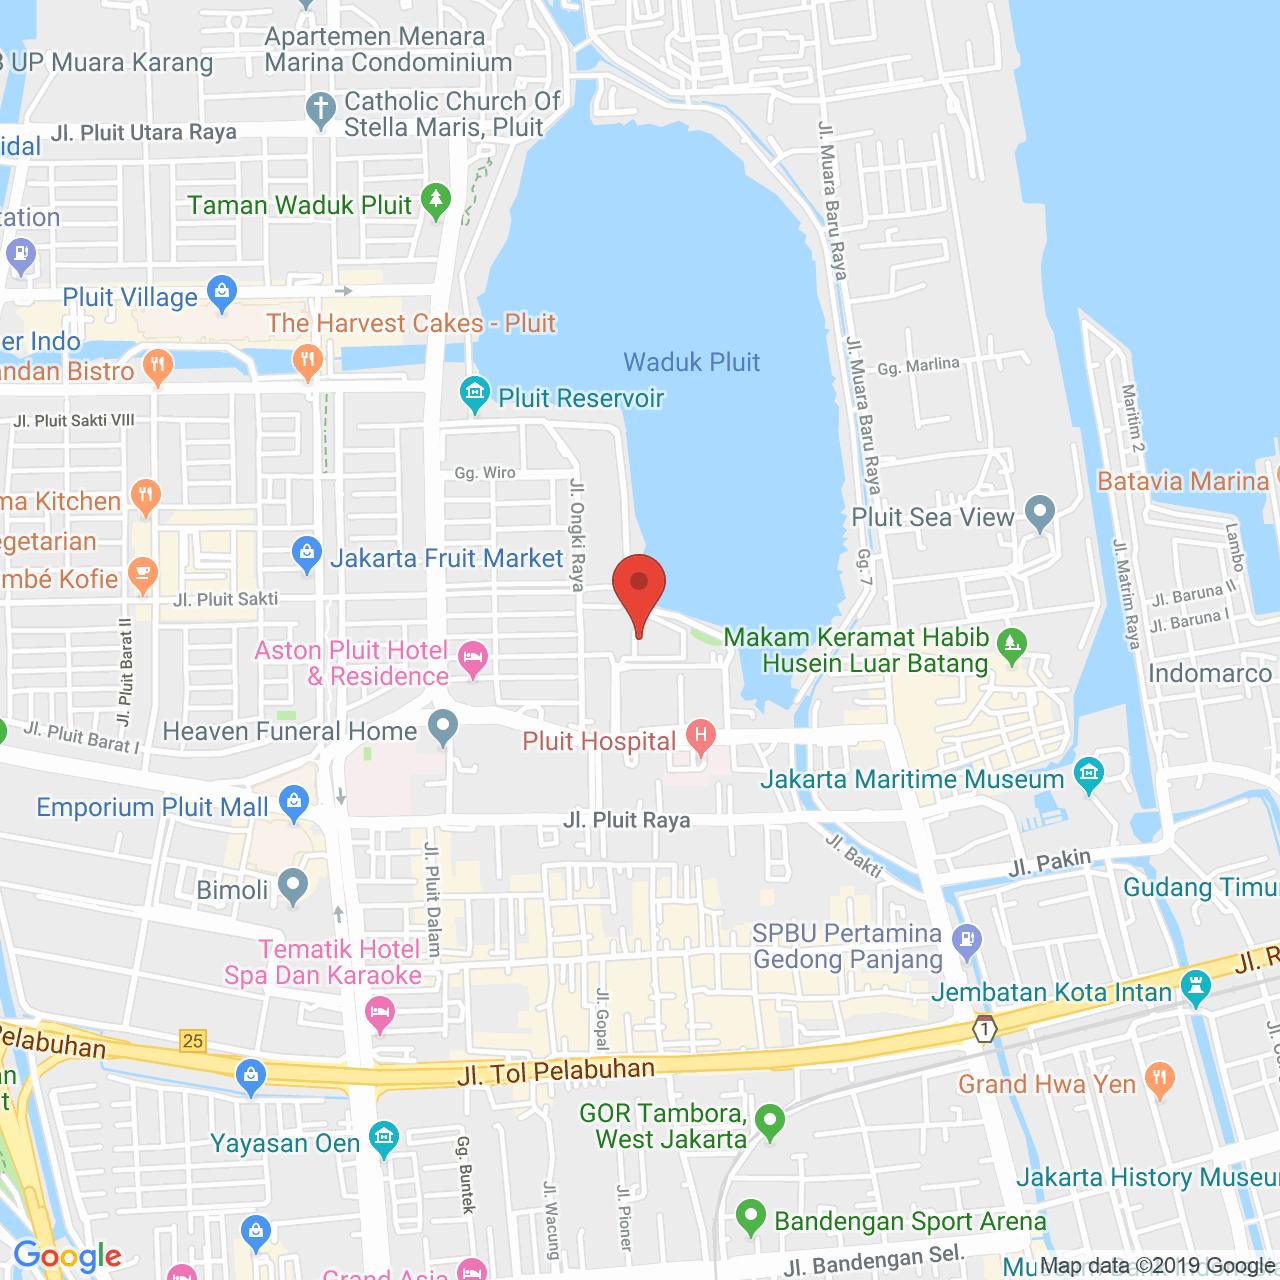 Laguna Pluit Apartment Map